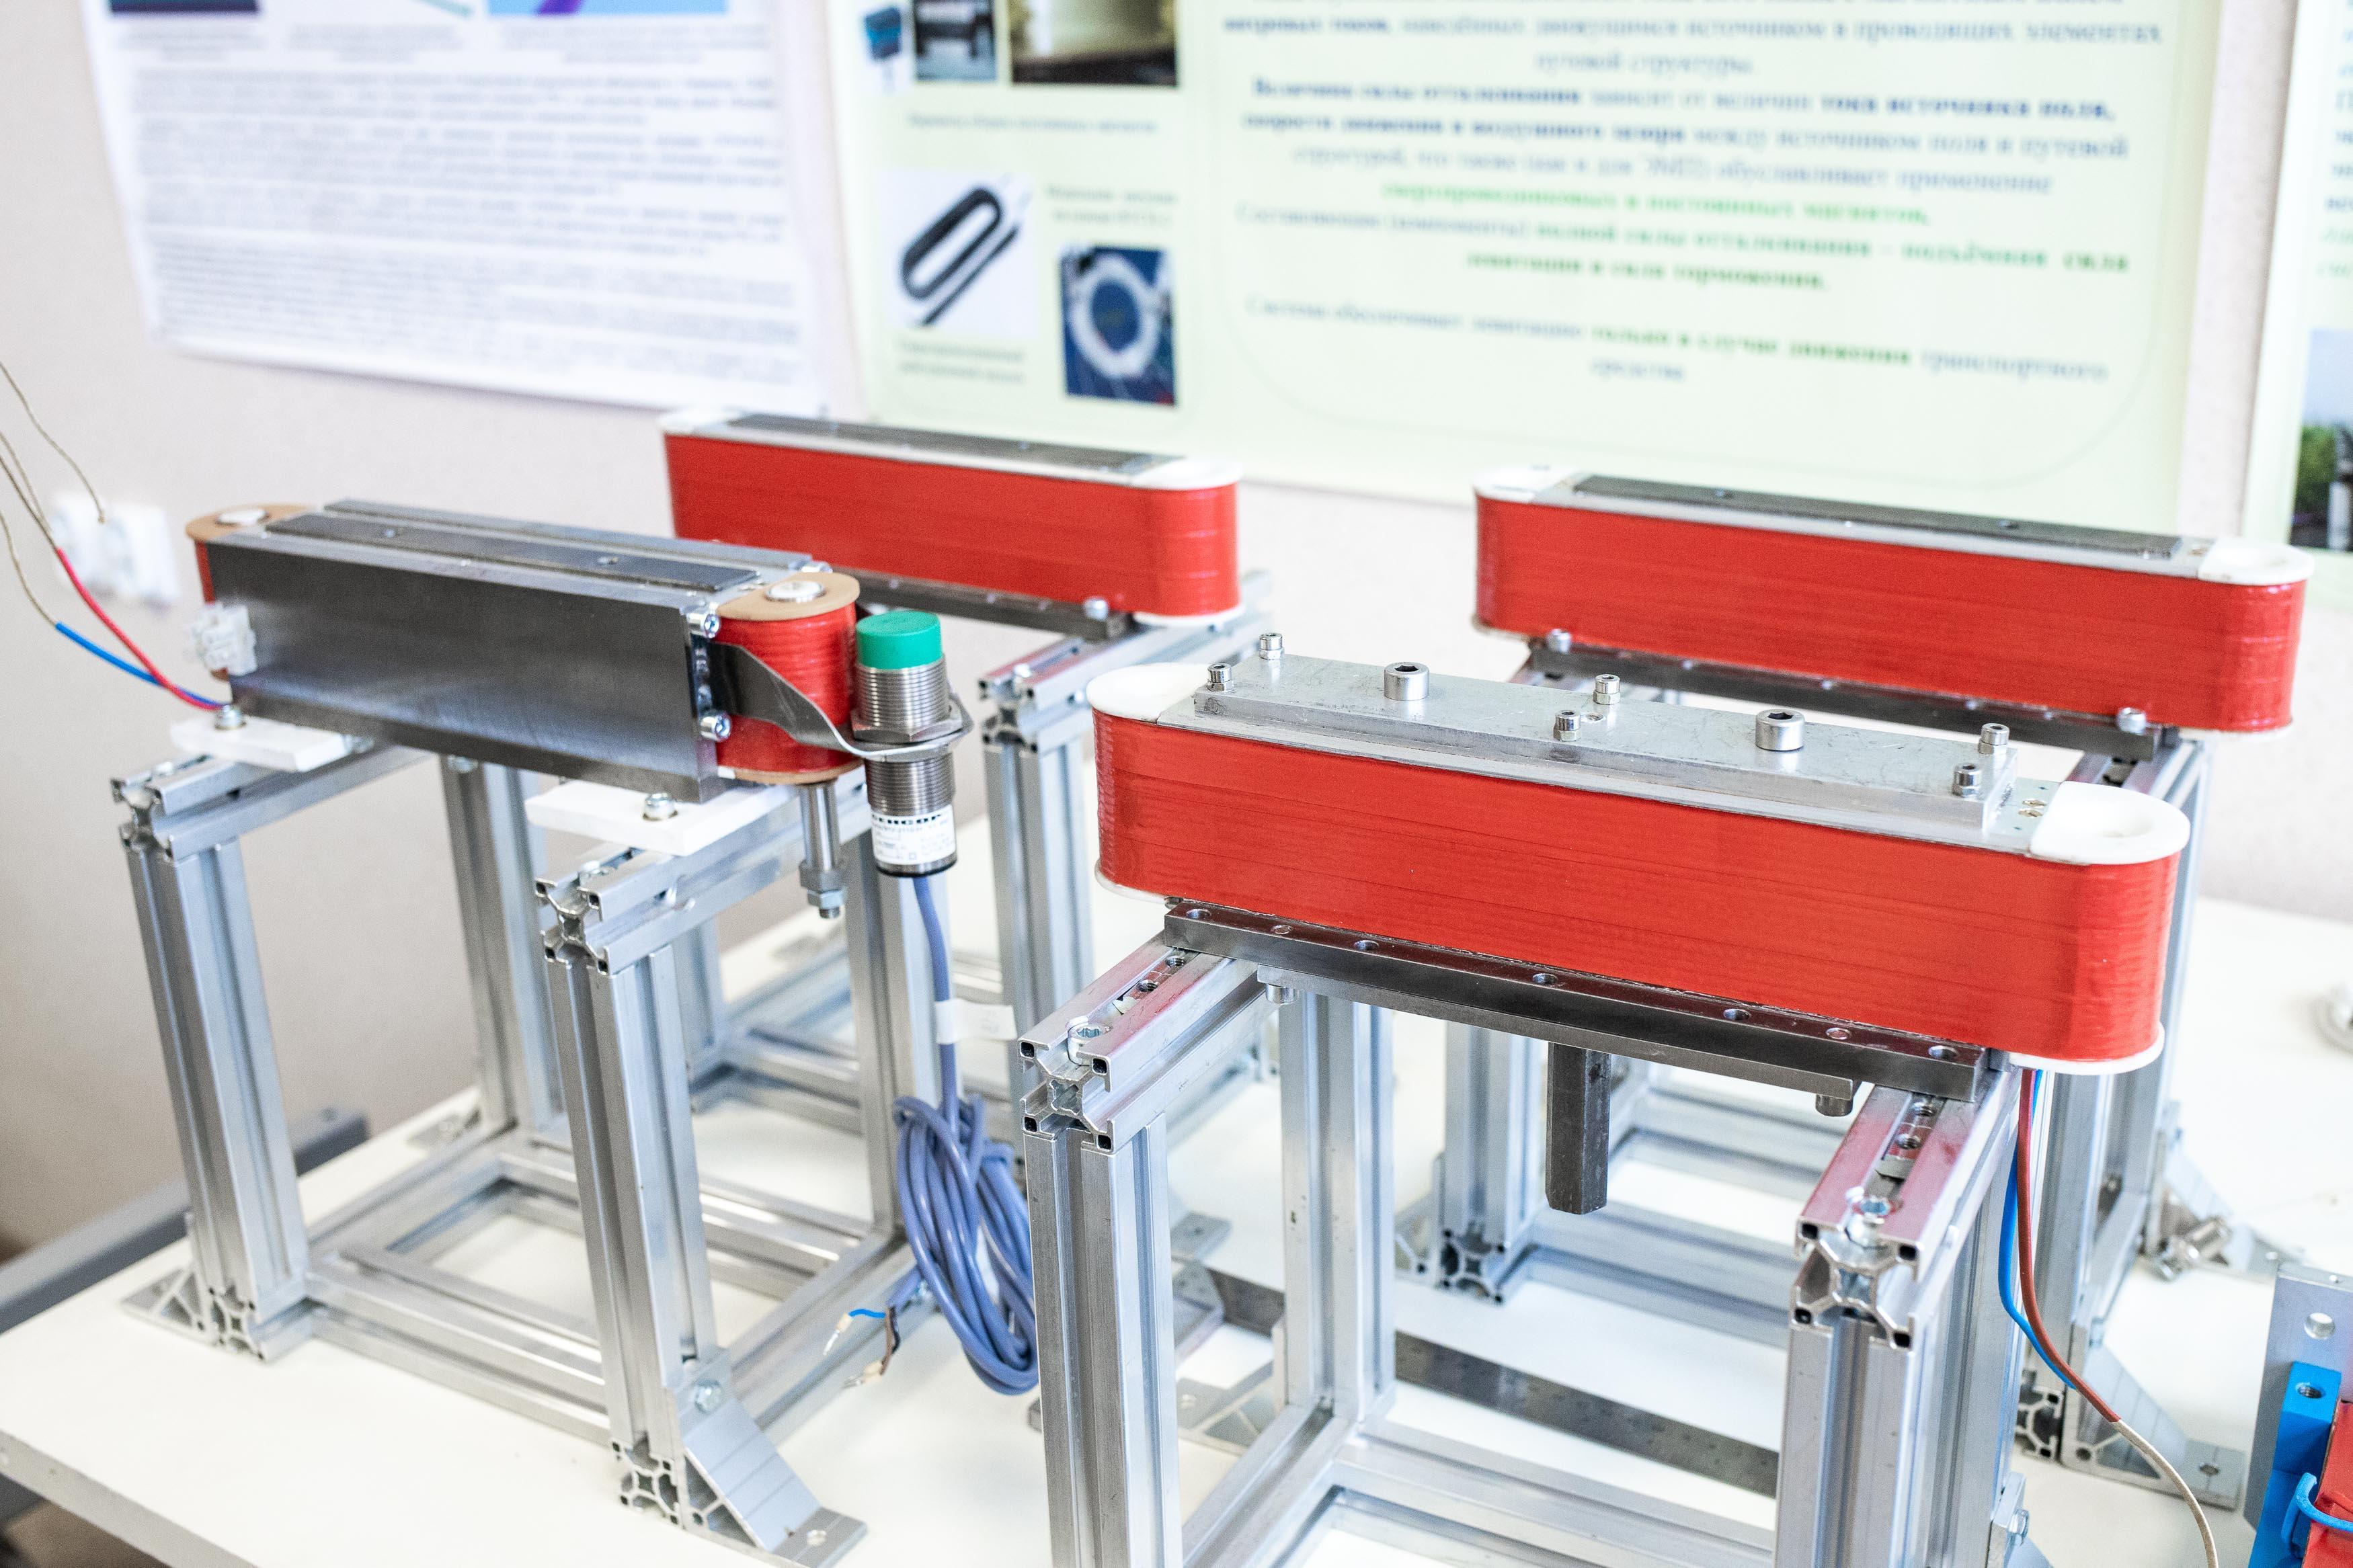 Гибридные магниты, разработанные в НИИЭФА. Фото ©LIFE / Стас Вазовски